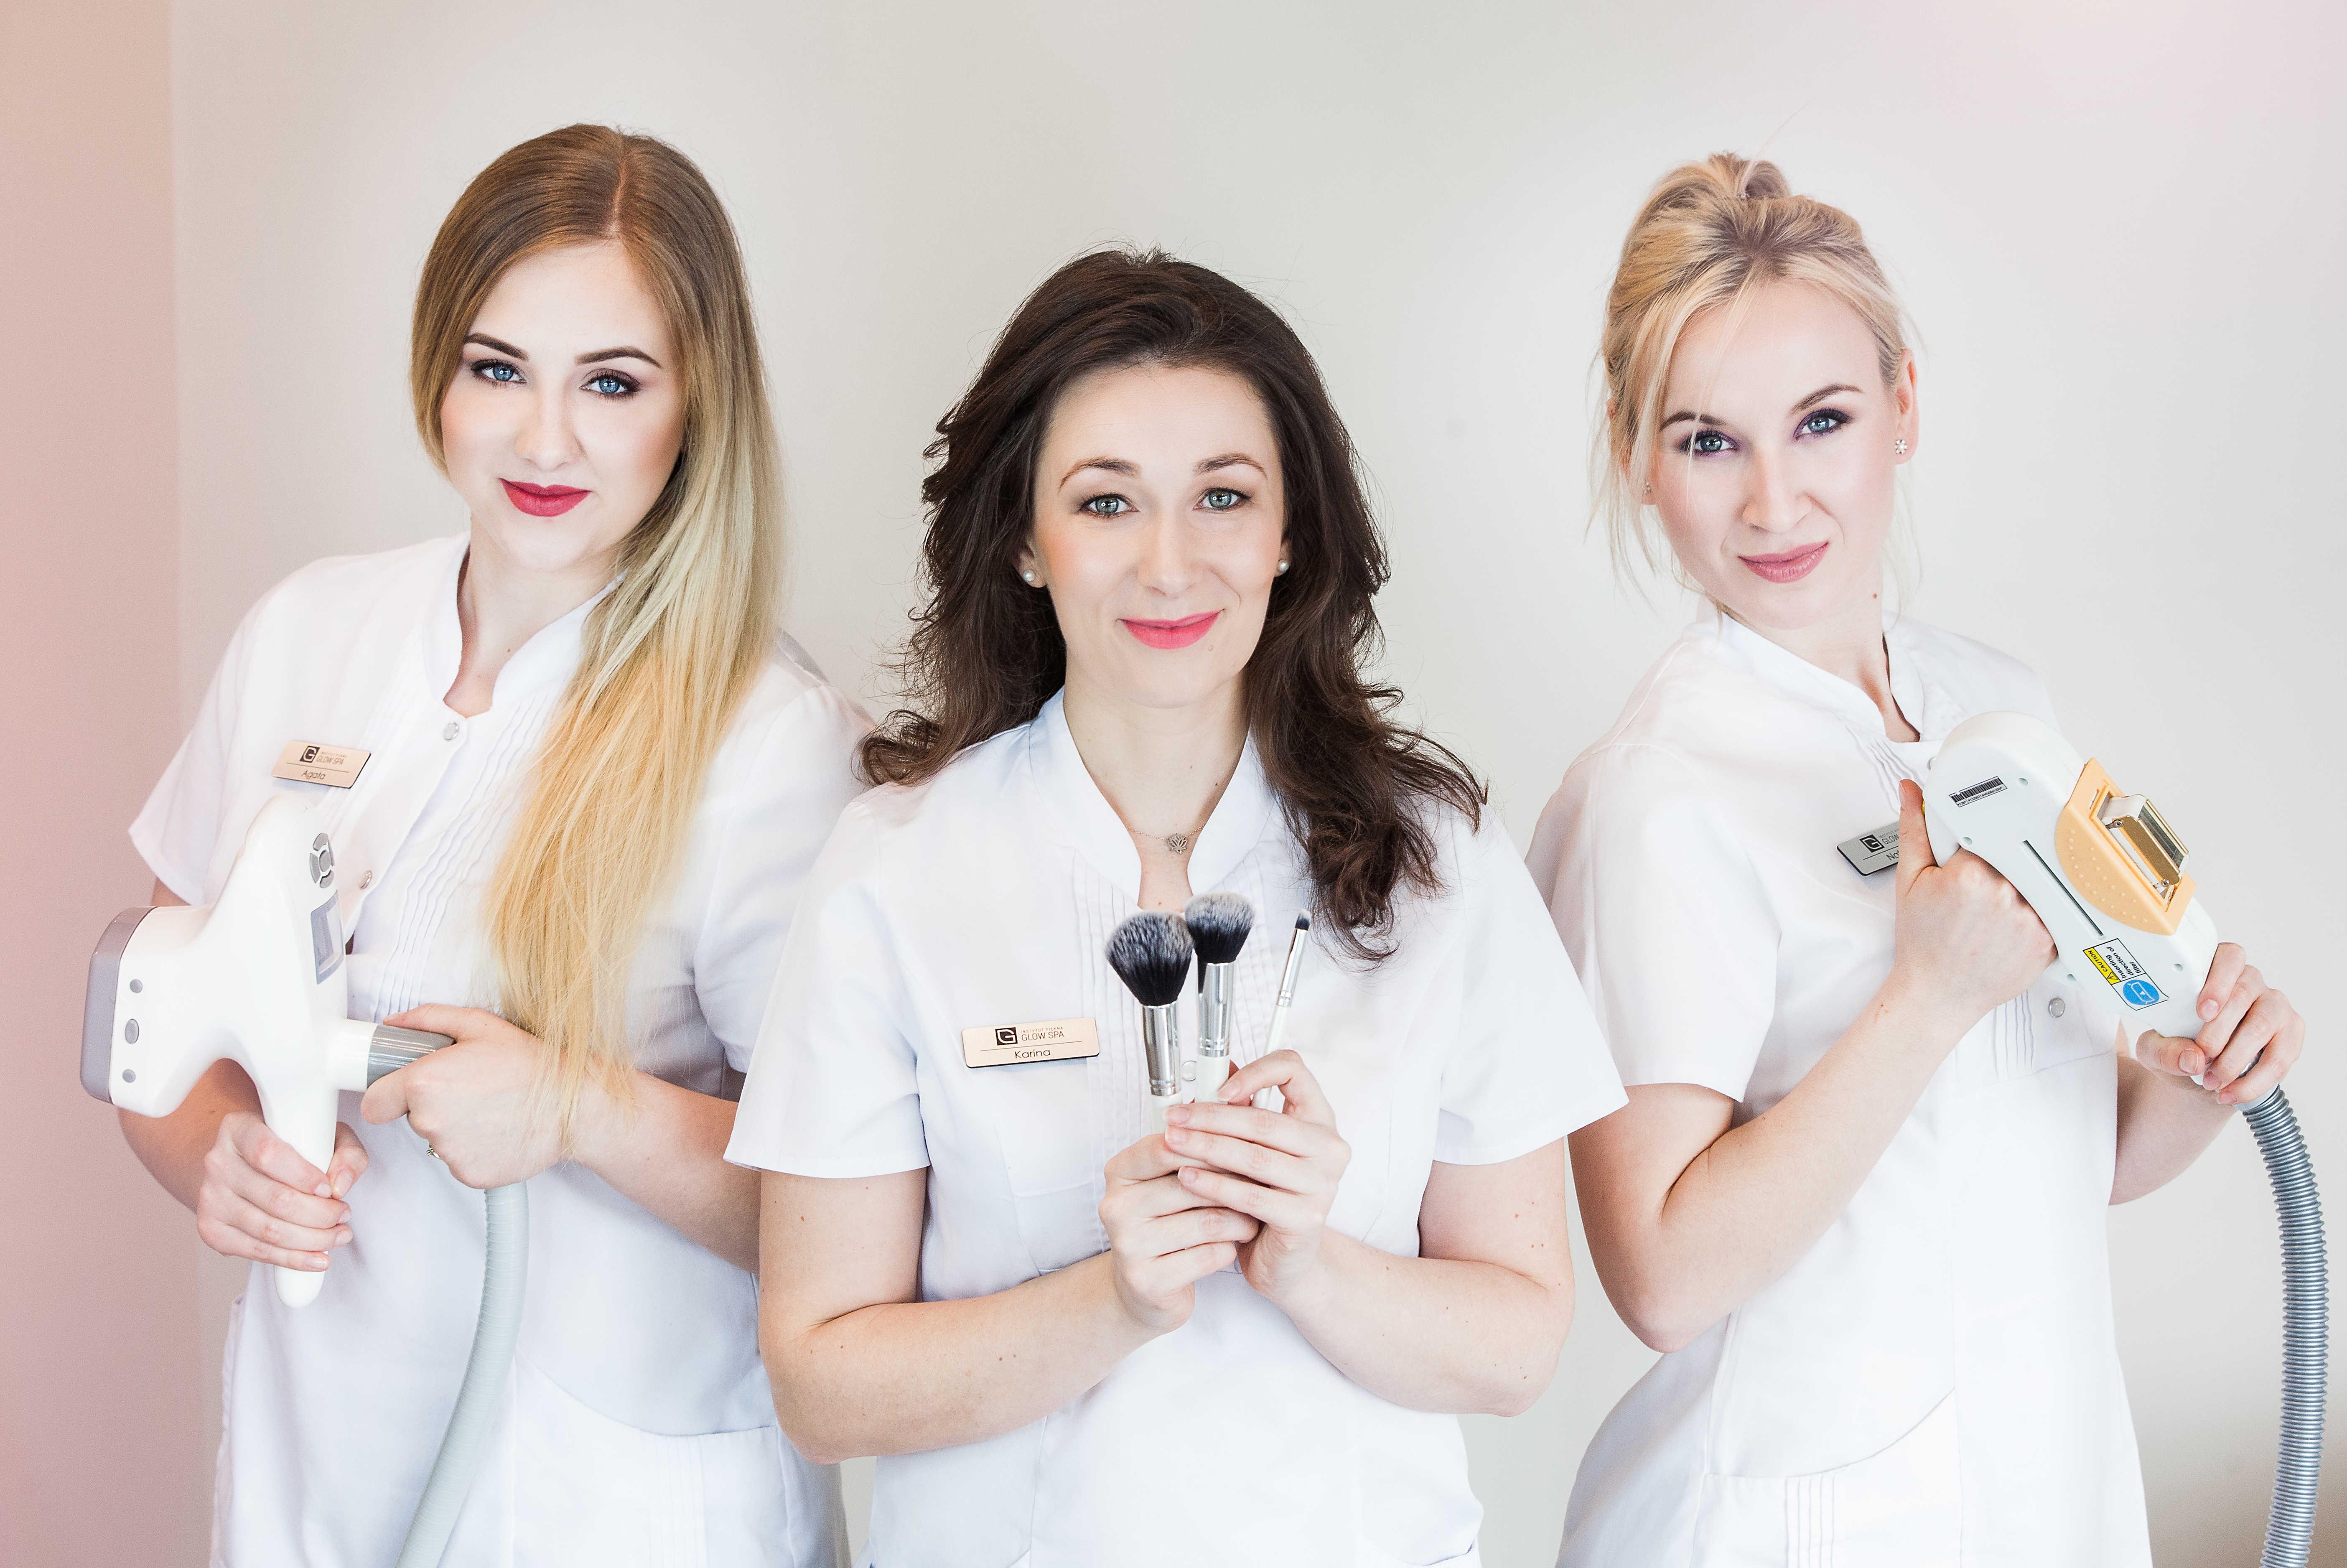 Zabiegi kosmetyczne w Bydgoszczy - Glow Spa